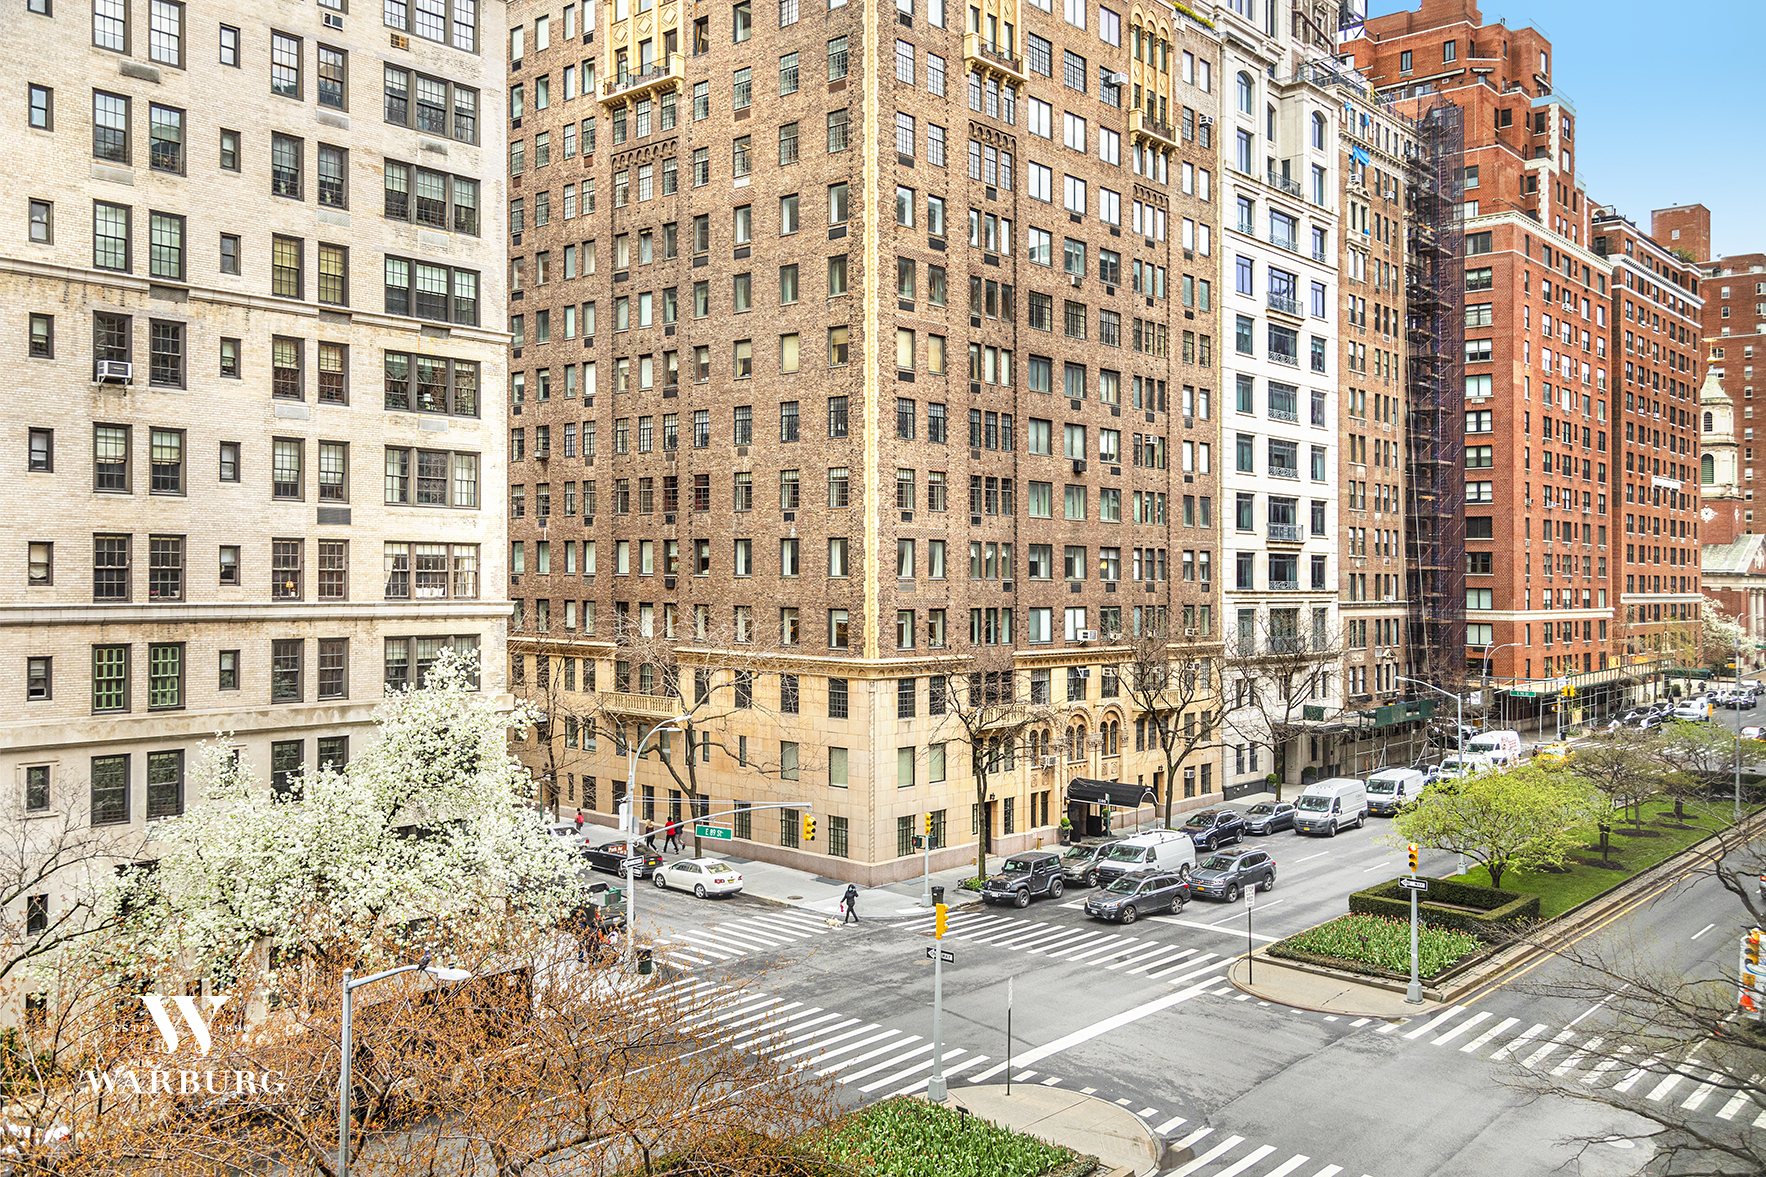 1095 Park Avenue Carnegie Hill New York NY 10128